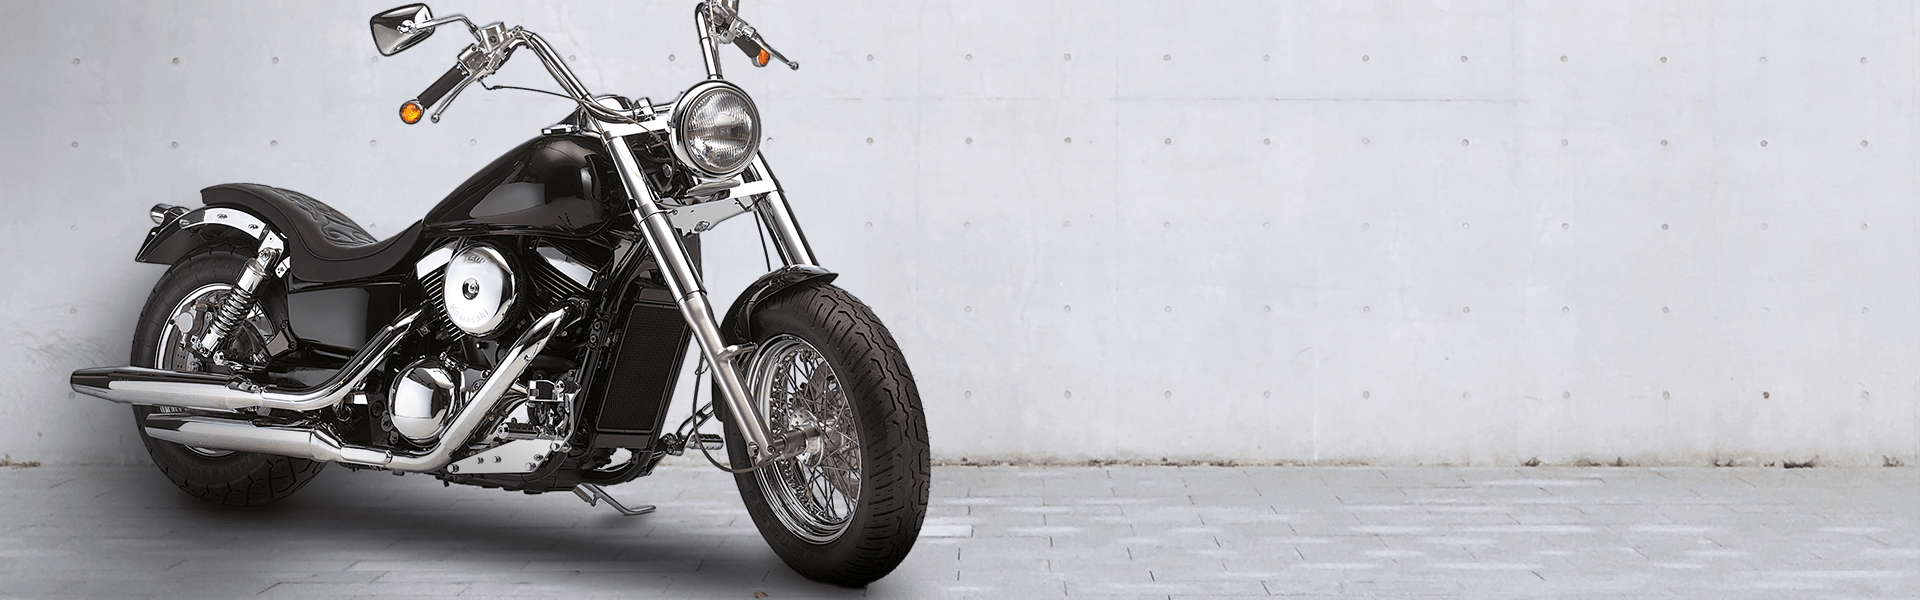 Motorrad vor Wand